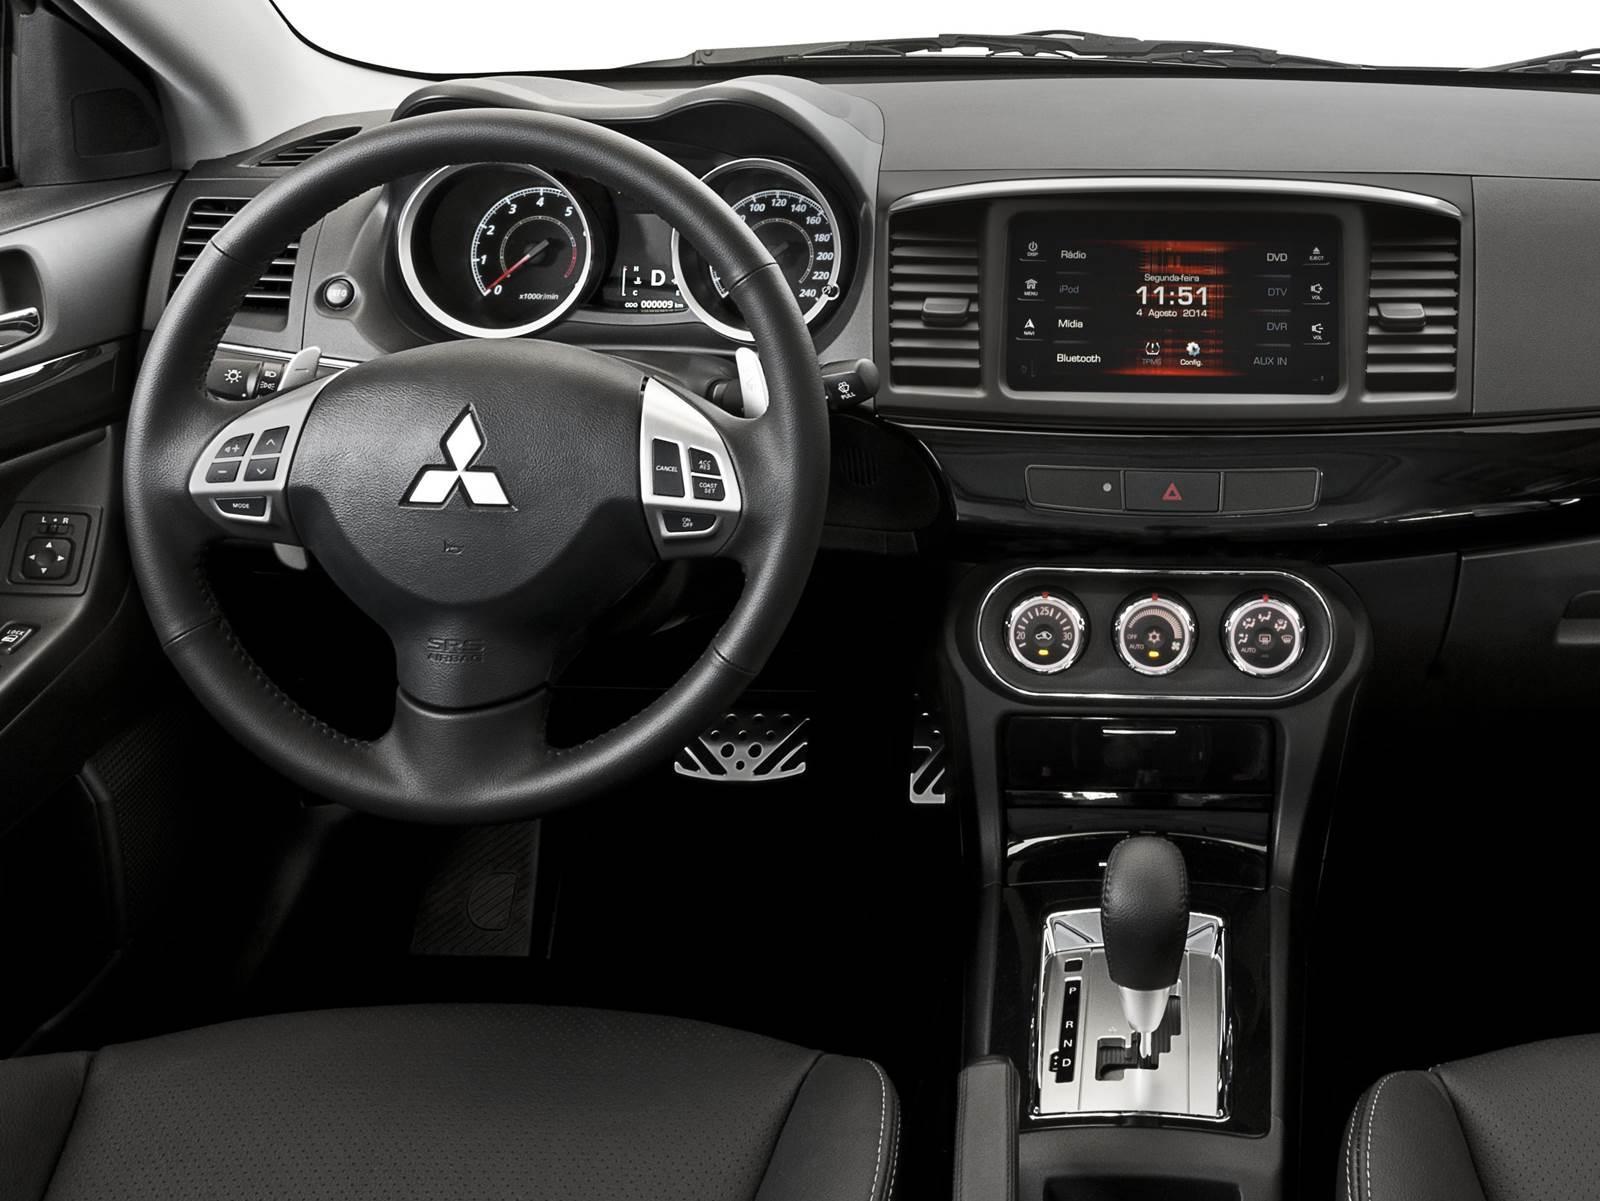 Novo Mitsubishi Lancer 2016 - Preço, Consumo, Avaliação